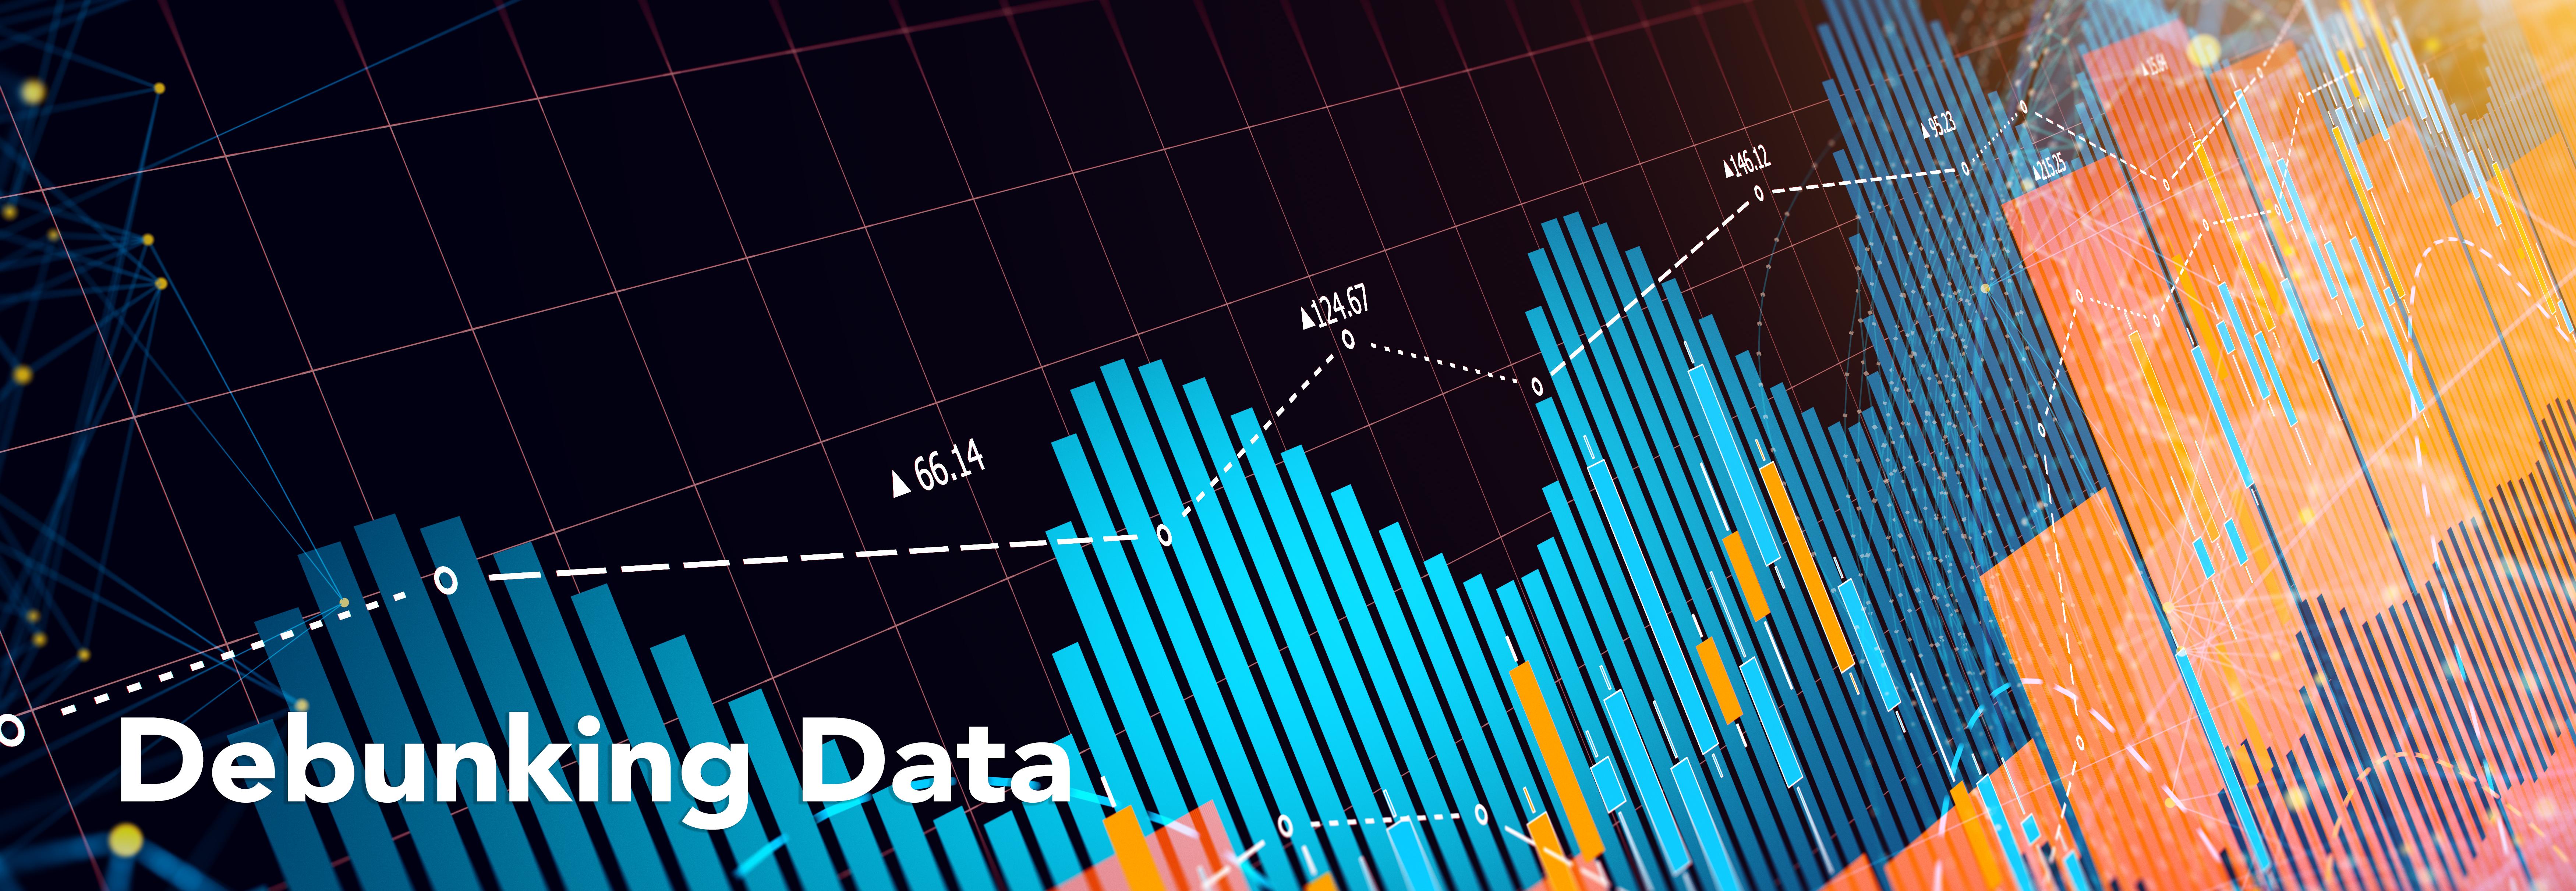 debunking data